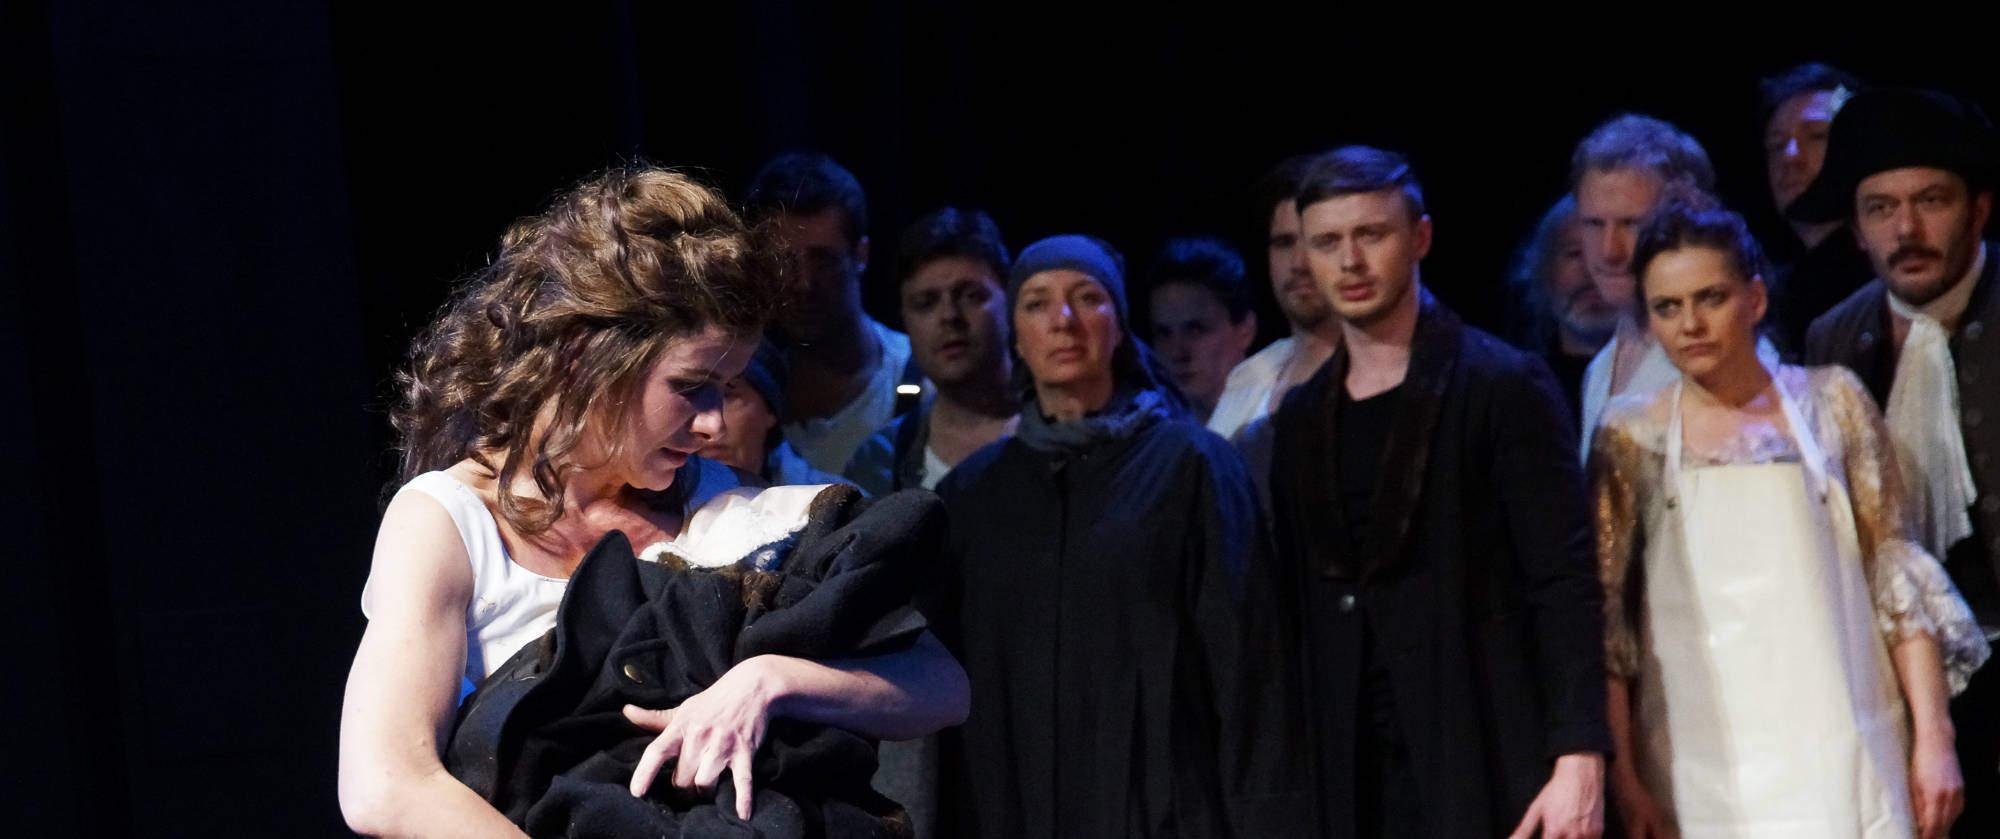 011-DIE-ELENDEN-nach-Victor-Hugo-Les-Miserables-von-Malte-Kreutzfeldt-Regie-c-photo-Olaf-Struck-Theater-Schauspielhaus-Kiel-2019